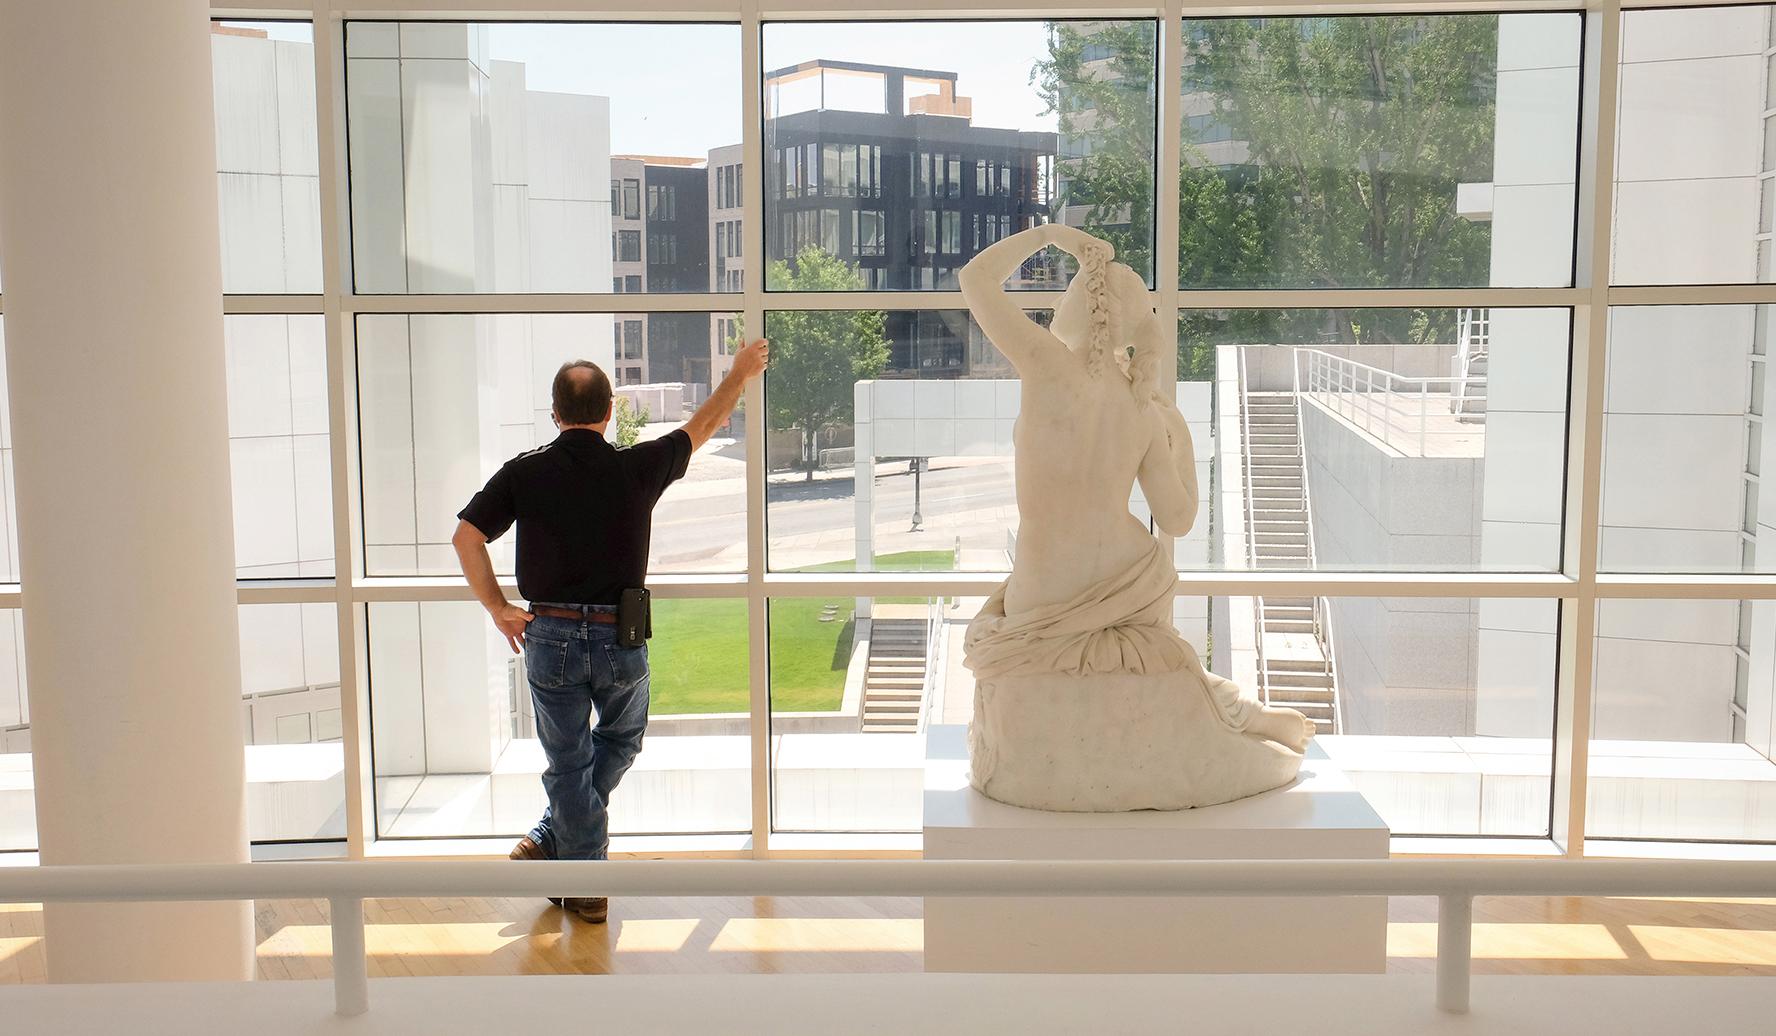 High Museum - Statue Man, Atlanta